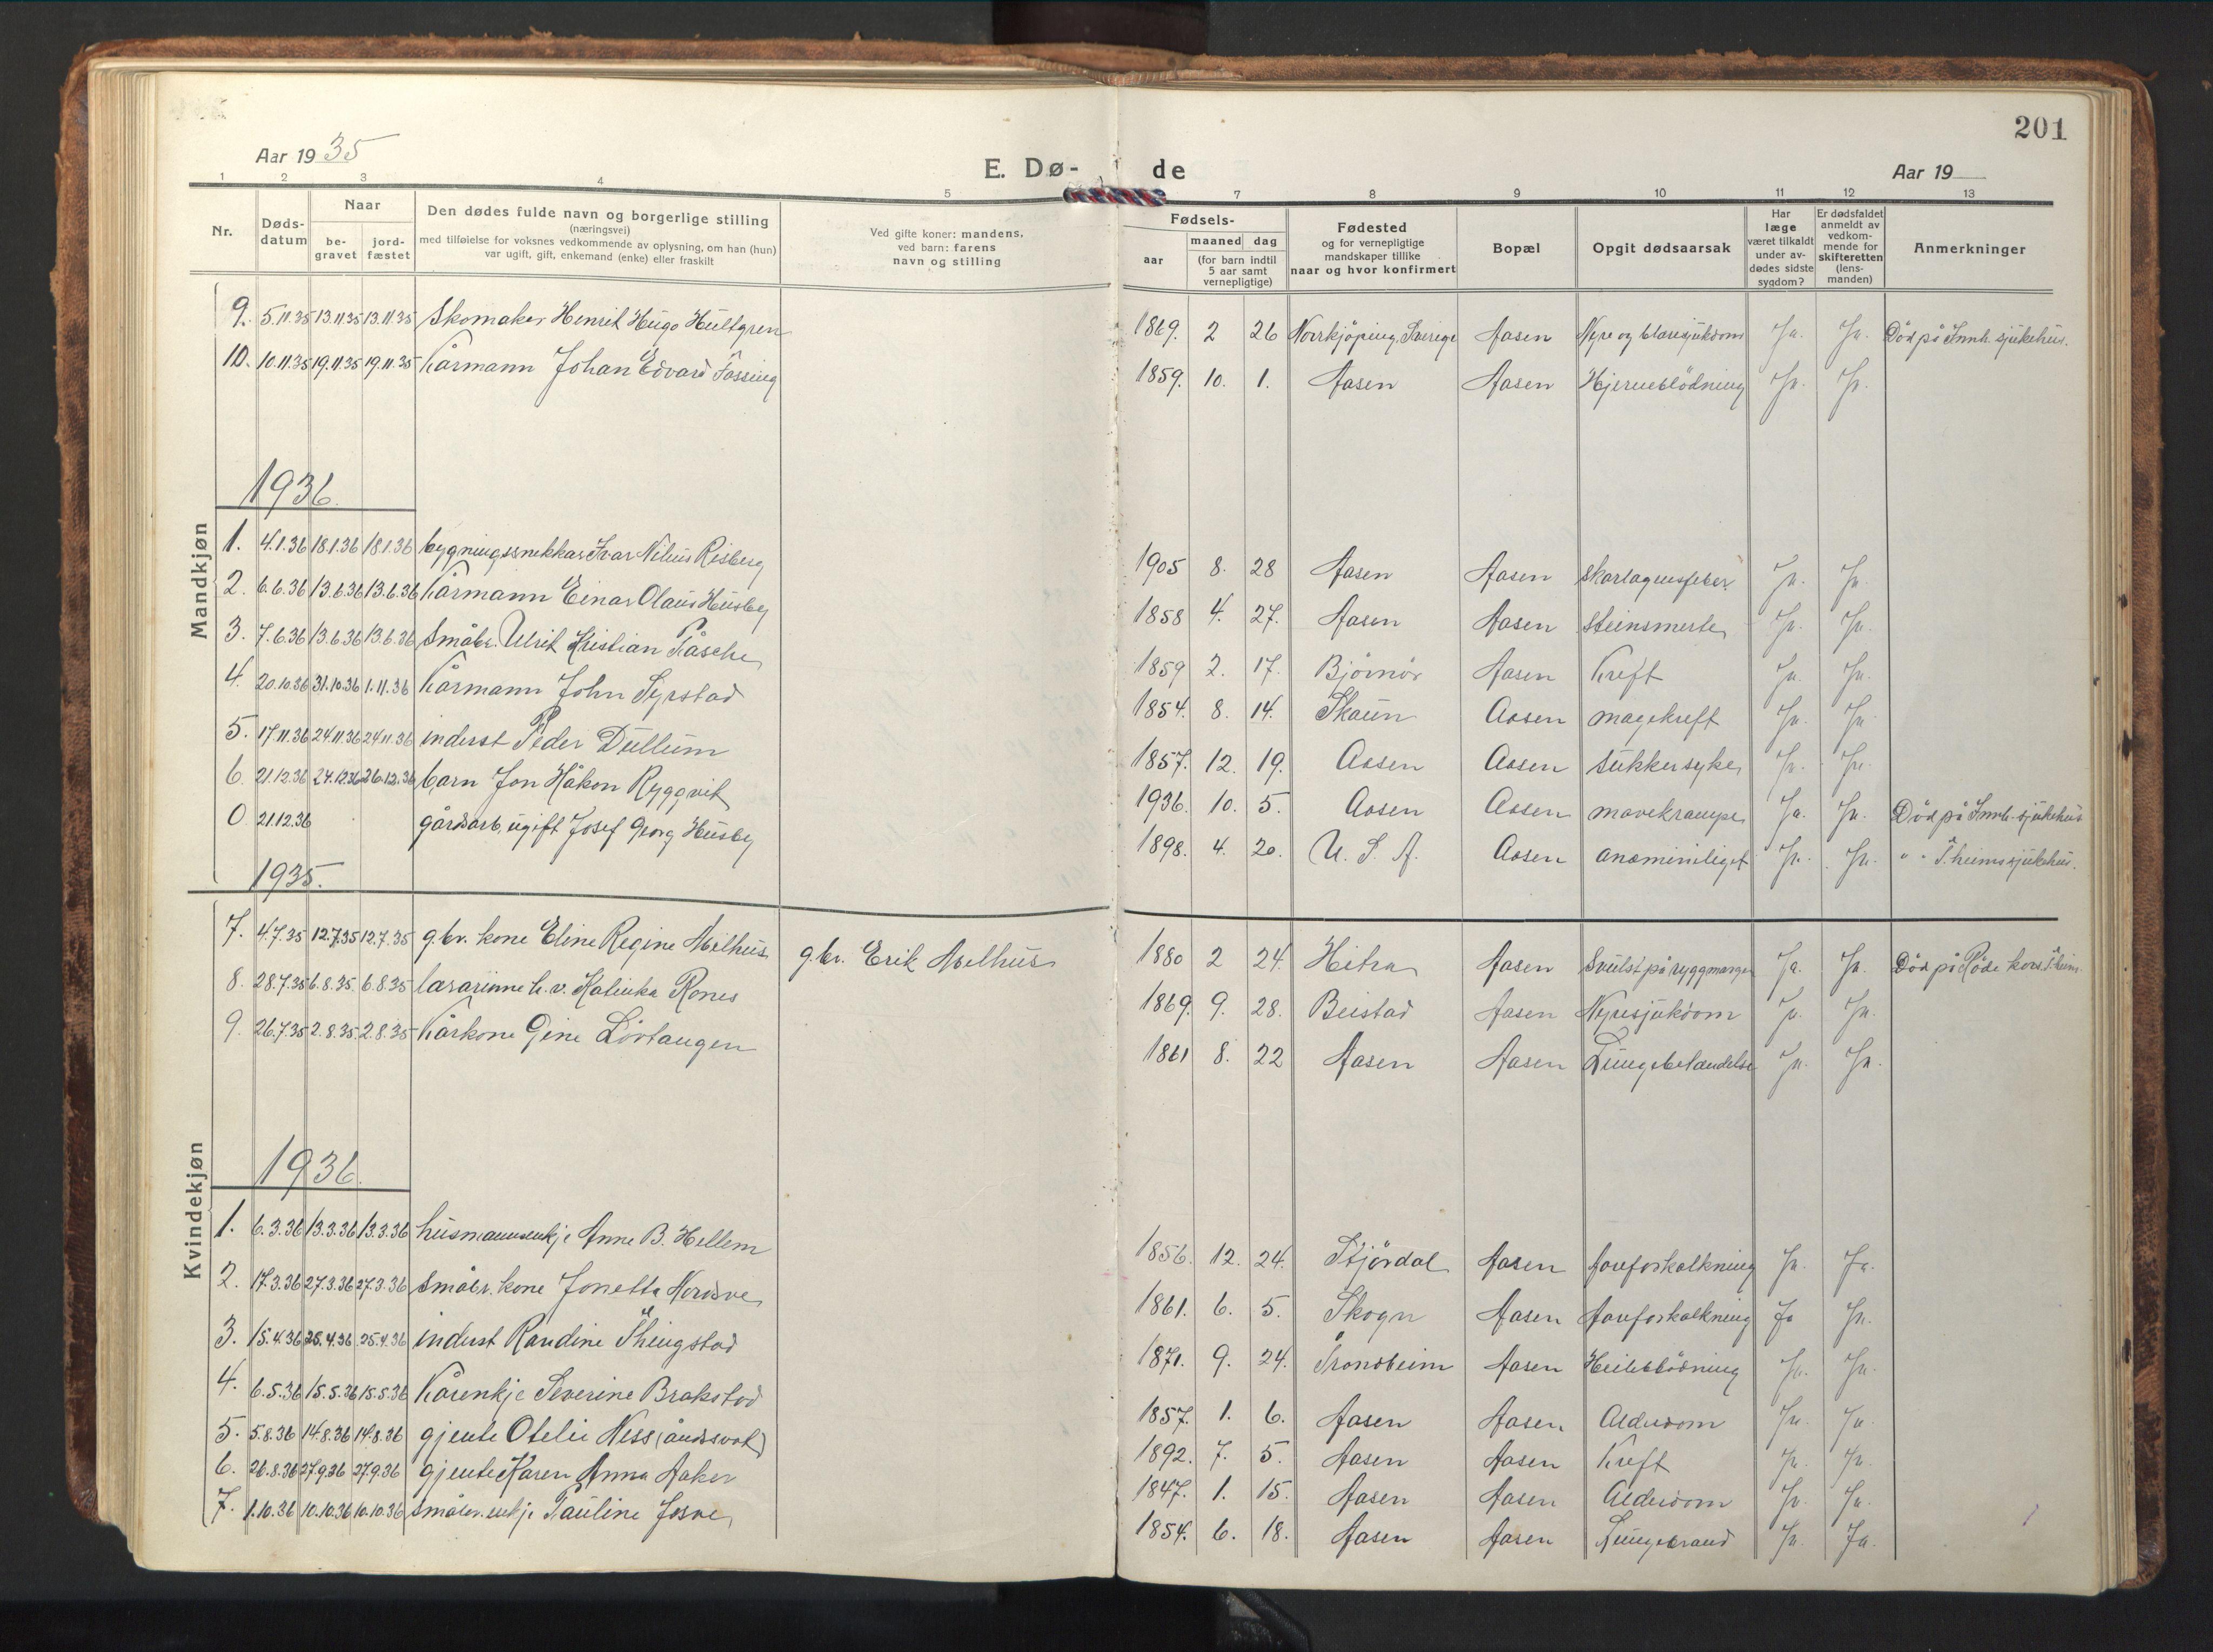 SAT, Ministerialprotokoller, klokkerbøker og fødselsregistre - Nord-Trøndelag, 714/L0136: Klokkerbok nr. 714C05, 1918-1957, s. 201